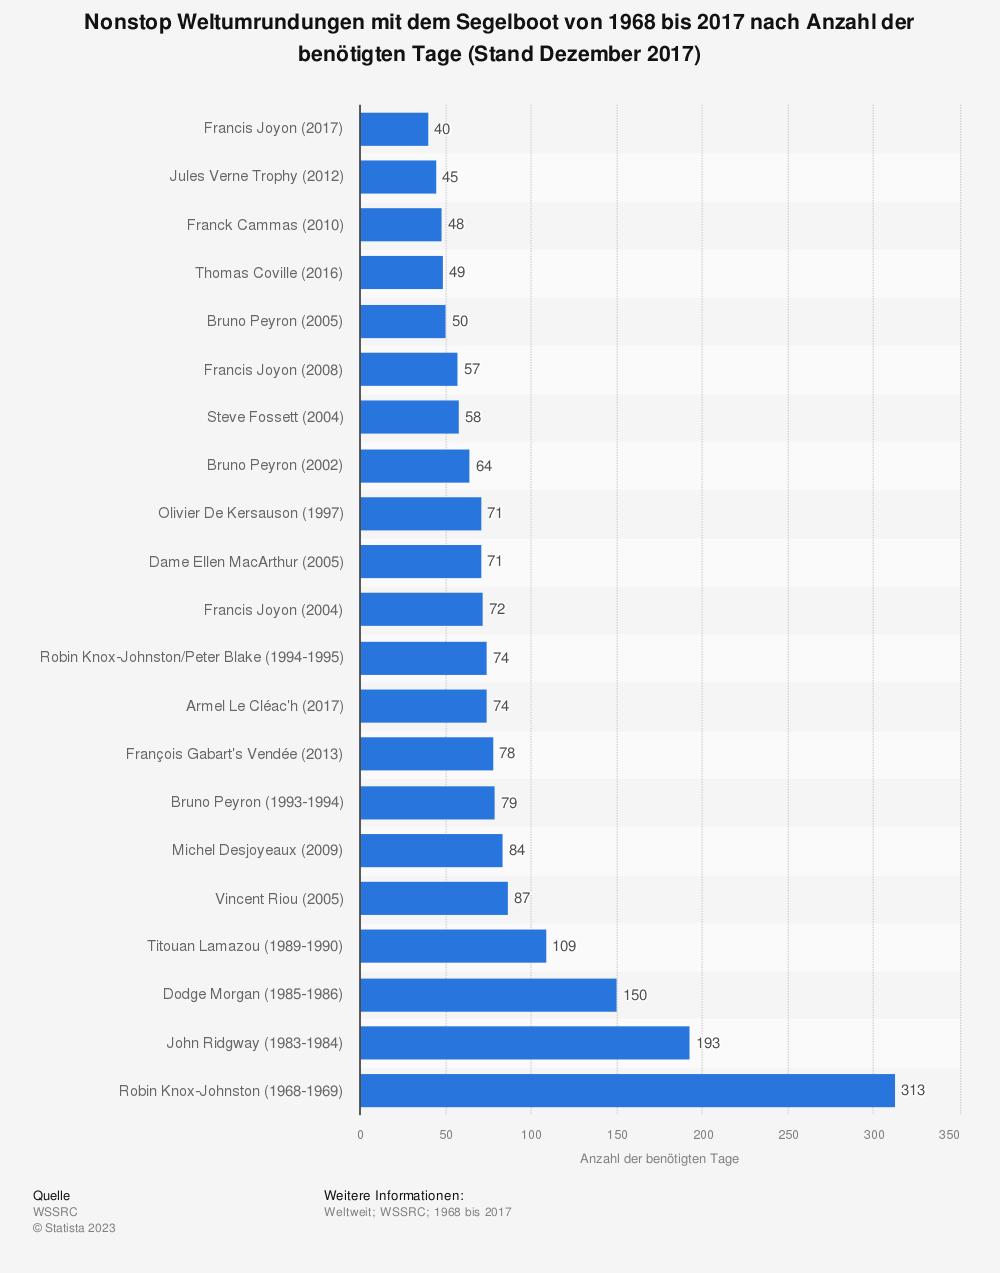 Statistik: Nonstop Weltumrundungen mit dem Segelboot von 1968 bis 2017 nach Anzahl der benötigten Tage (Stand Dezember 2017)   Statista